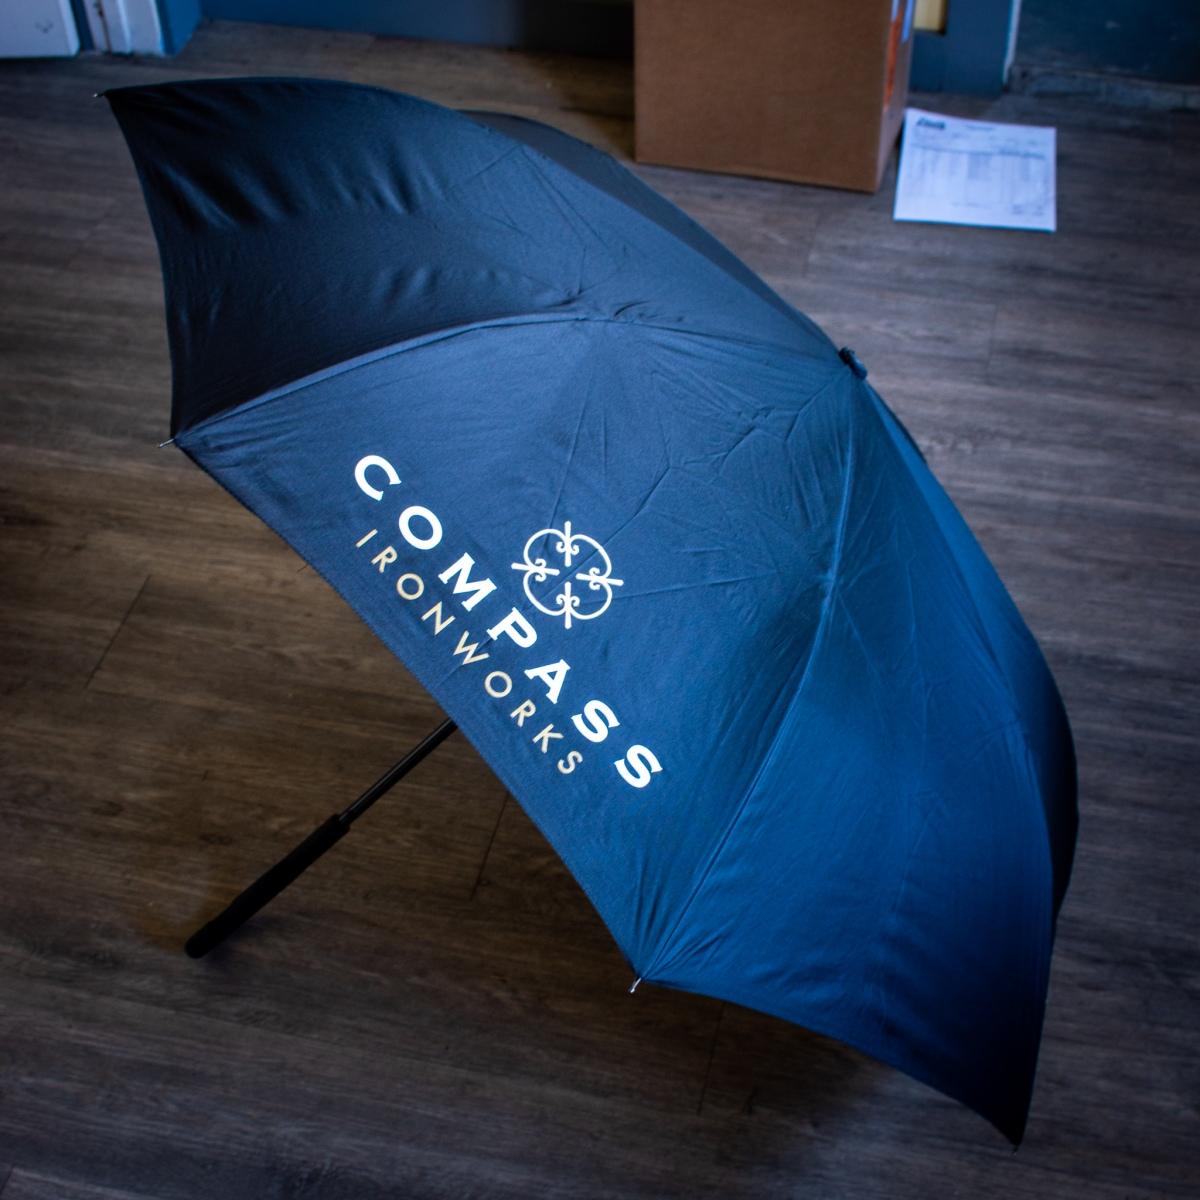 Compass-Umbrella